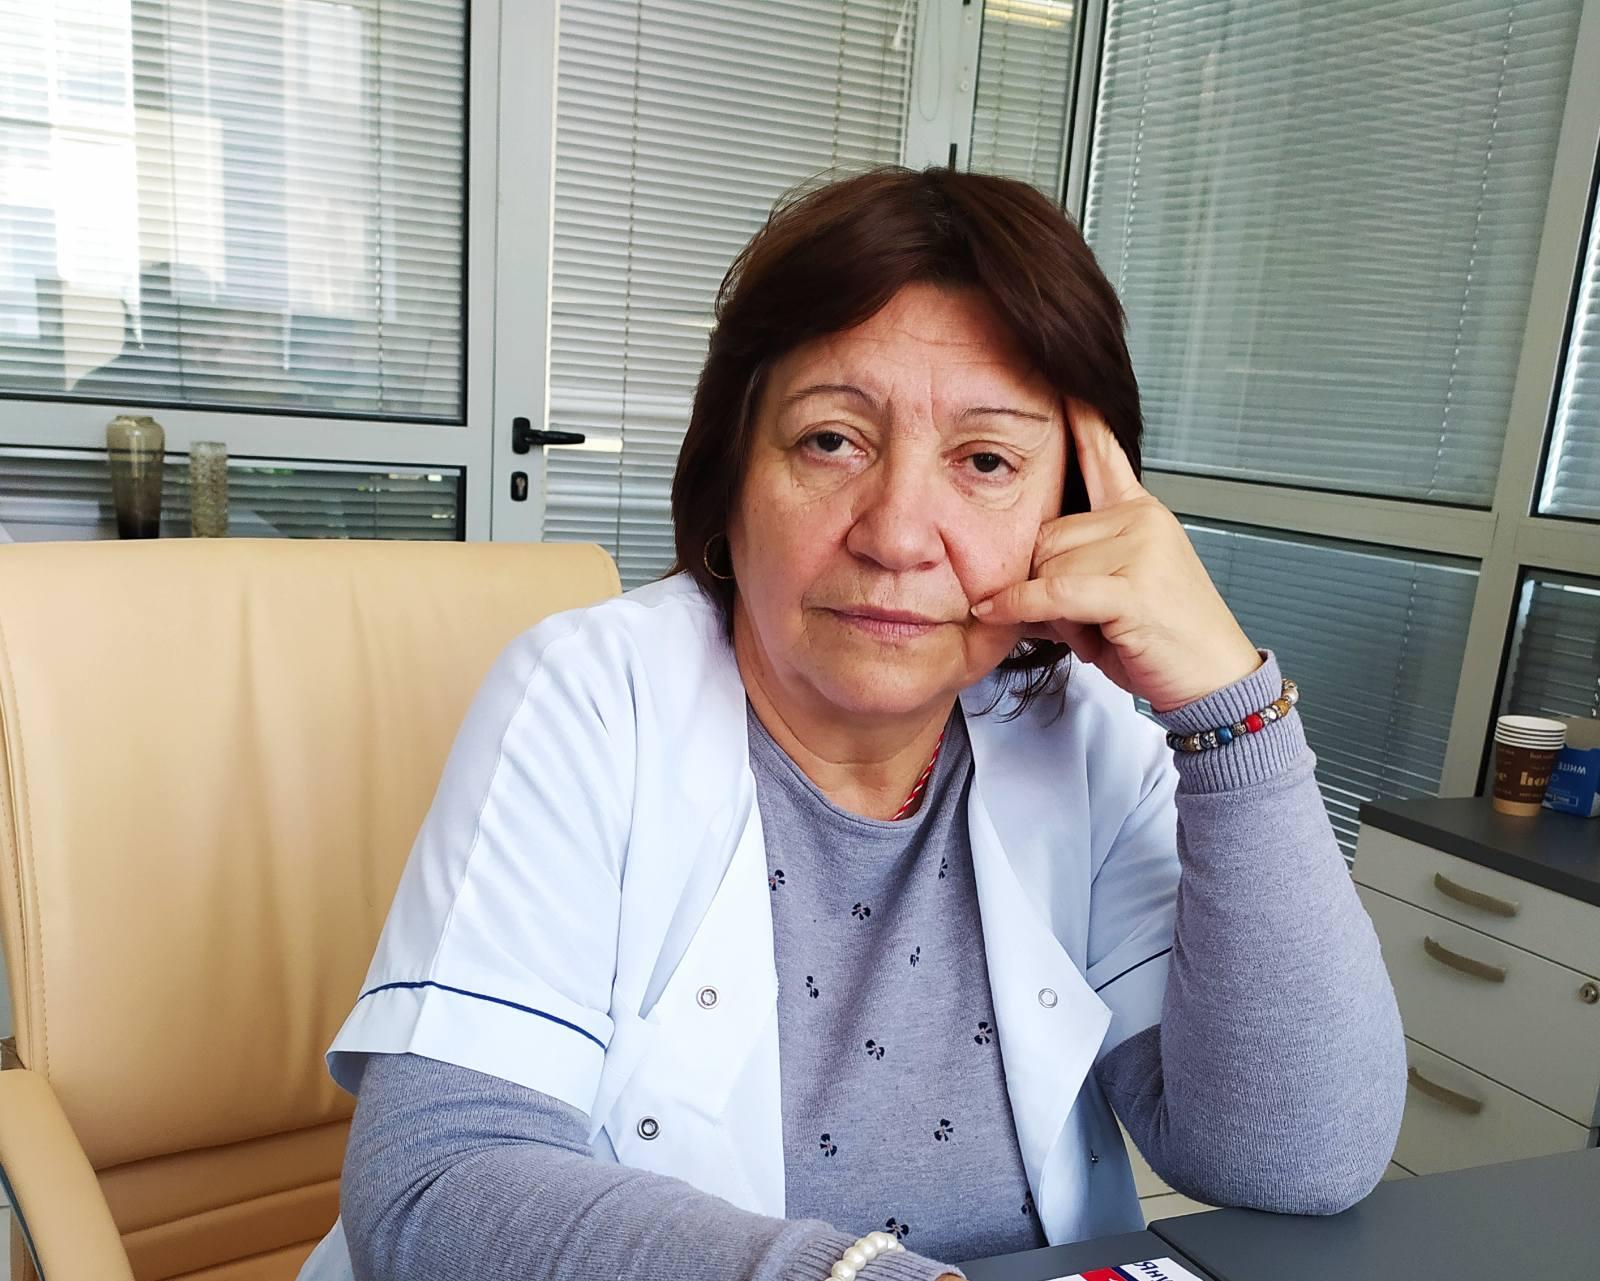 Д-р Адриана Антонова: Пикът на COVID-19 предстои